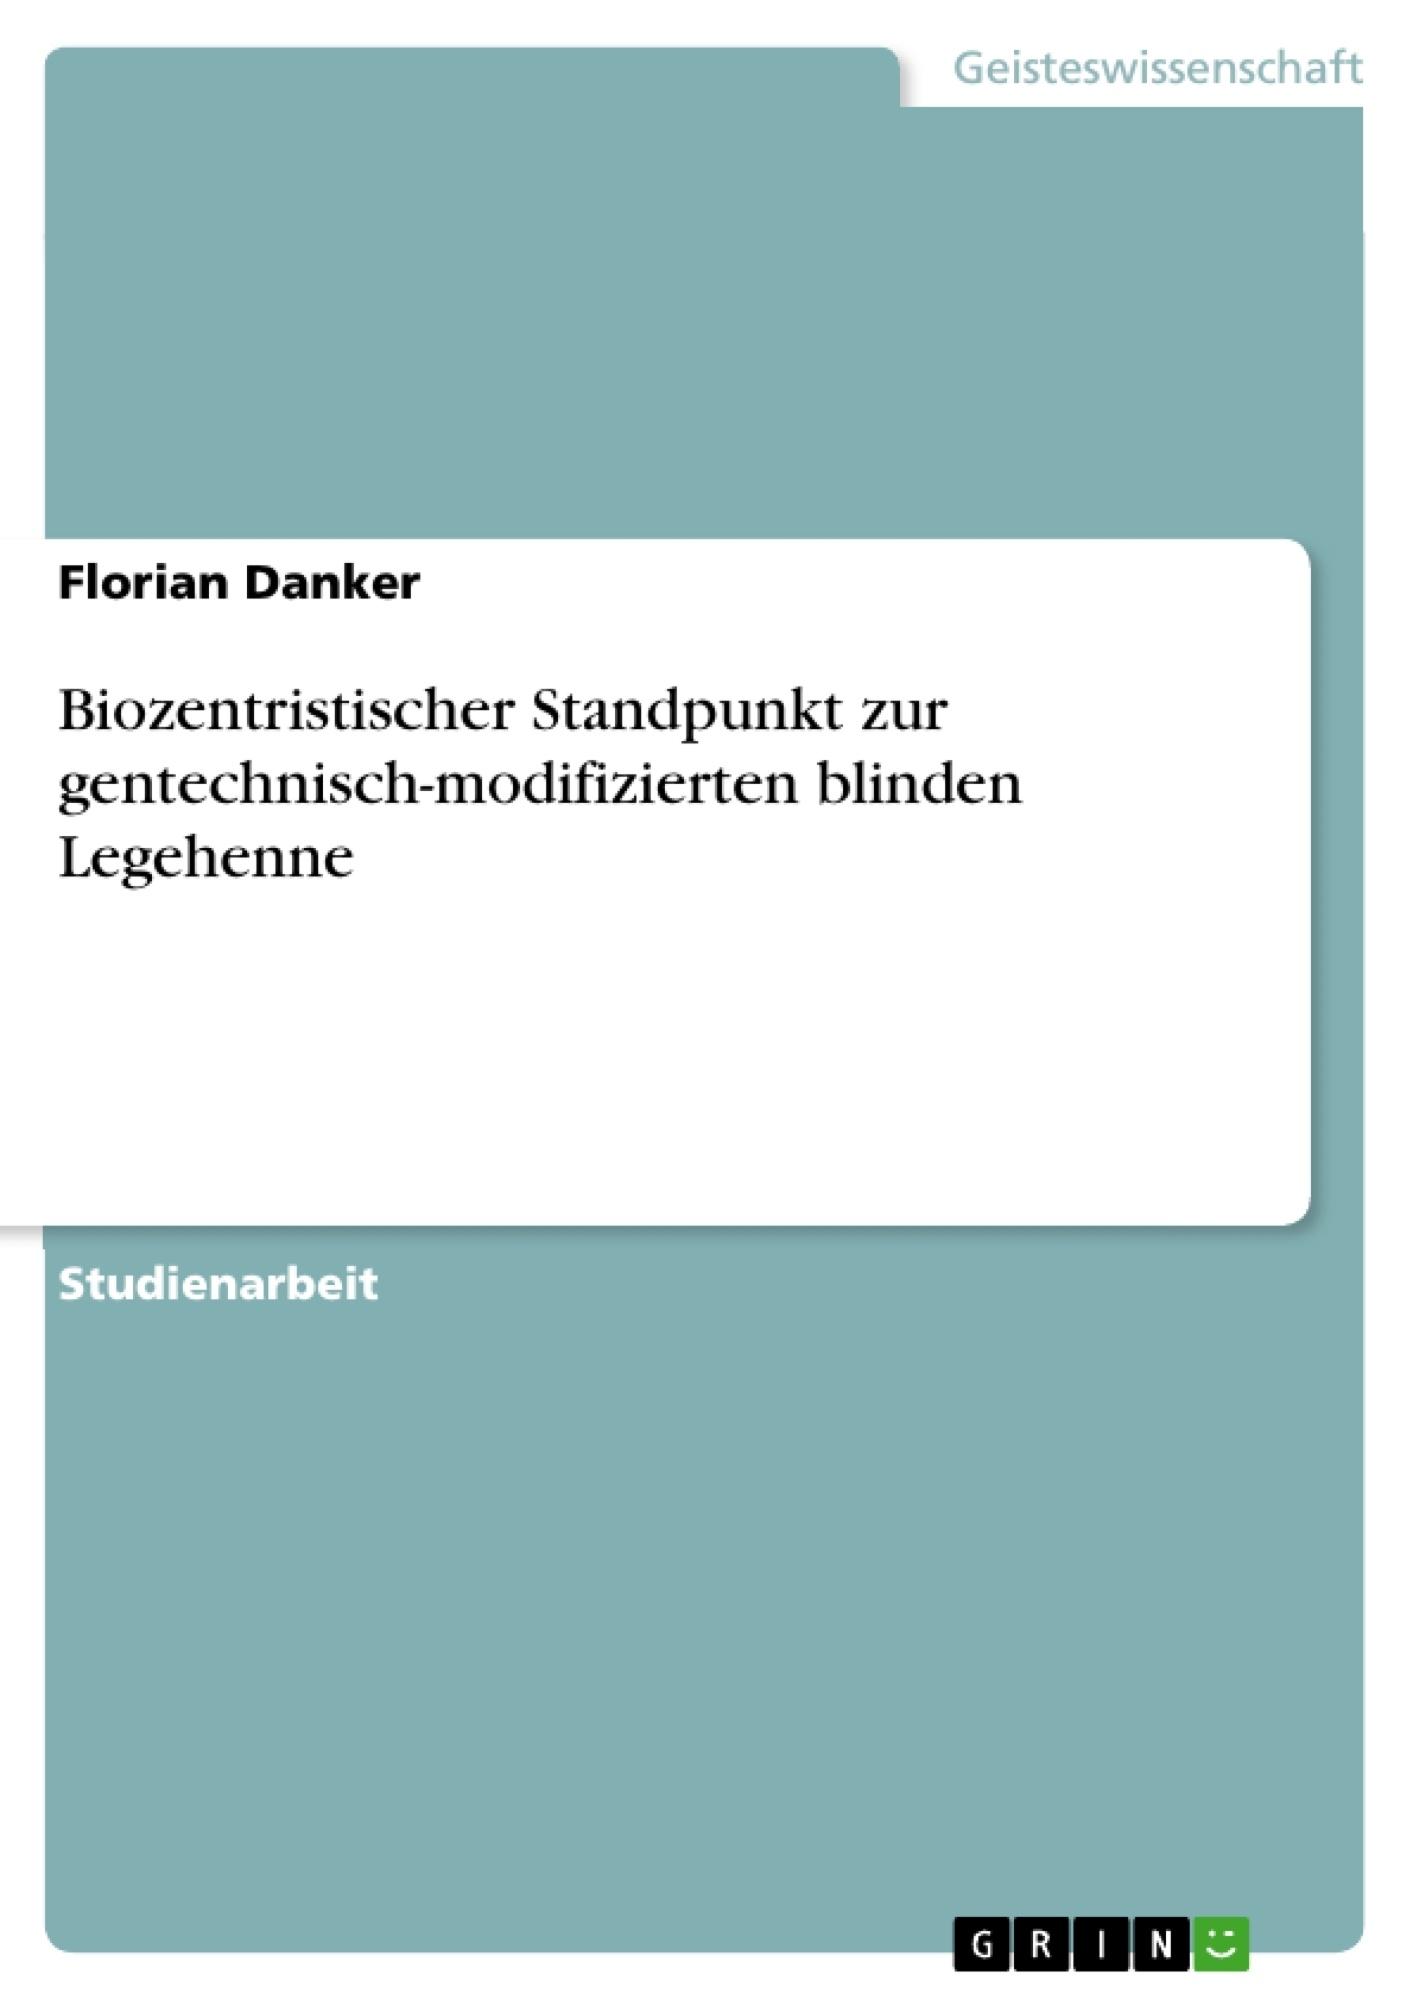 Titel: Biozentristischer Standpunkt zur gentechnisch-modifizierten blinden Legehenne